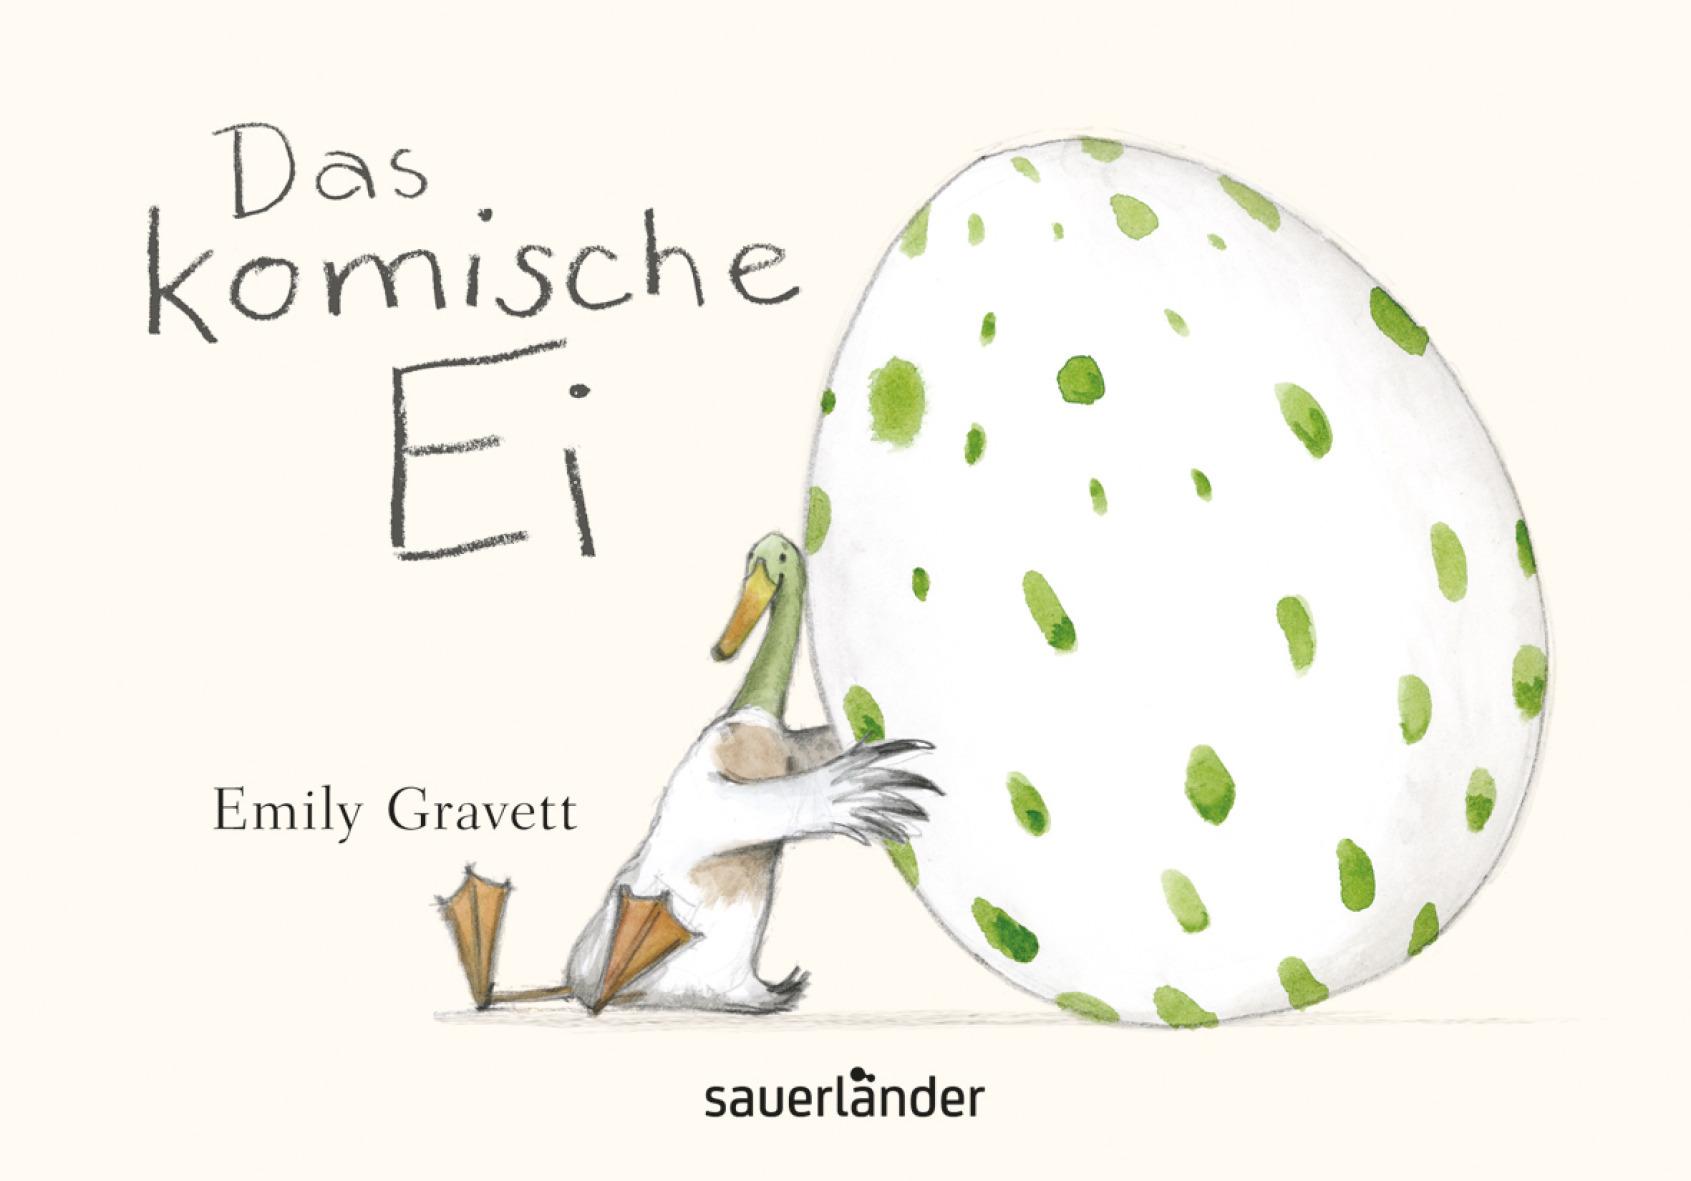 Das komische Ei Book Cover